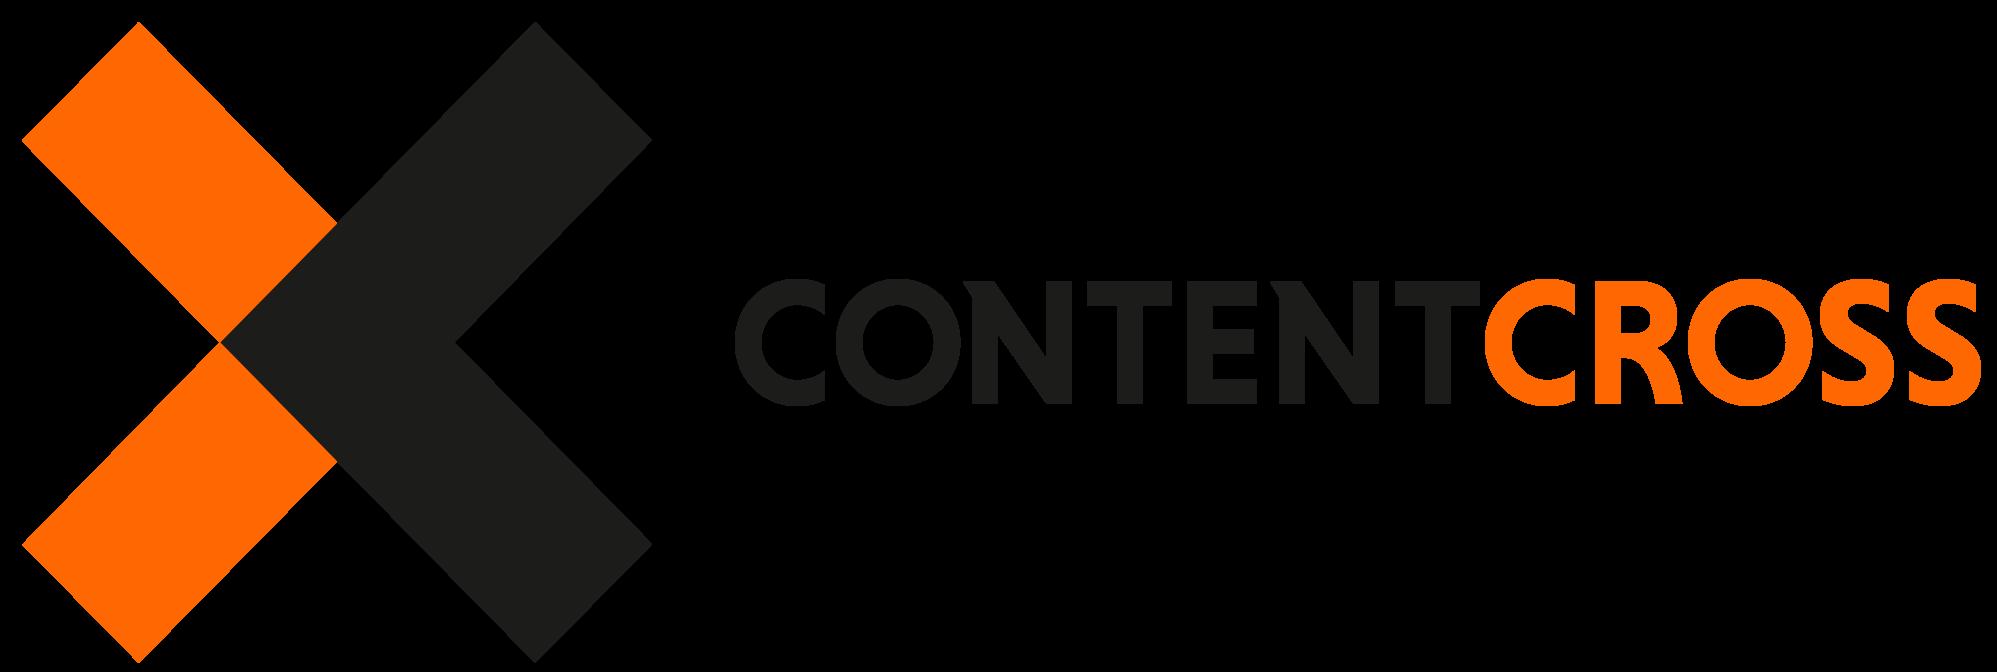 ContentCross